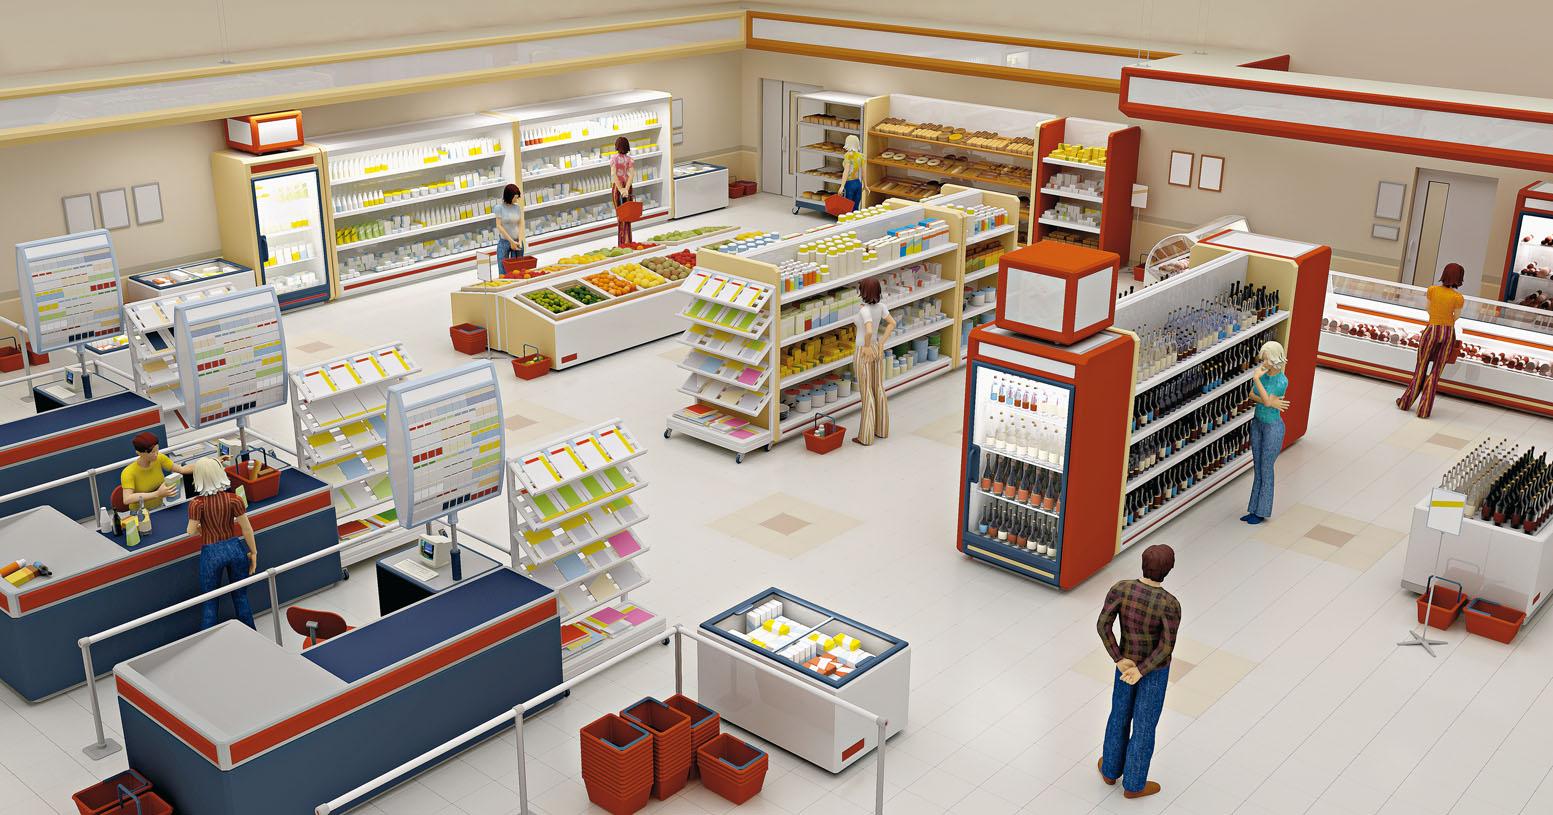 картинки торгового зала строительного магазина значит